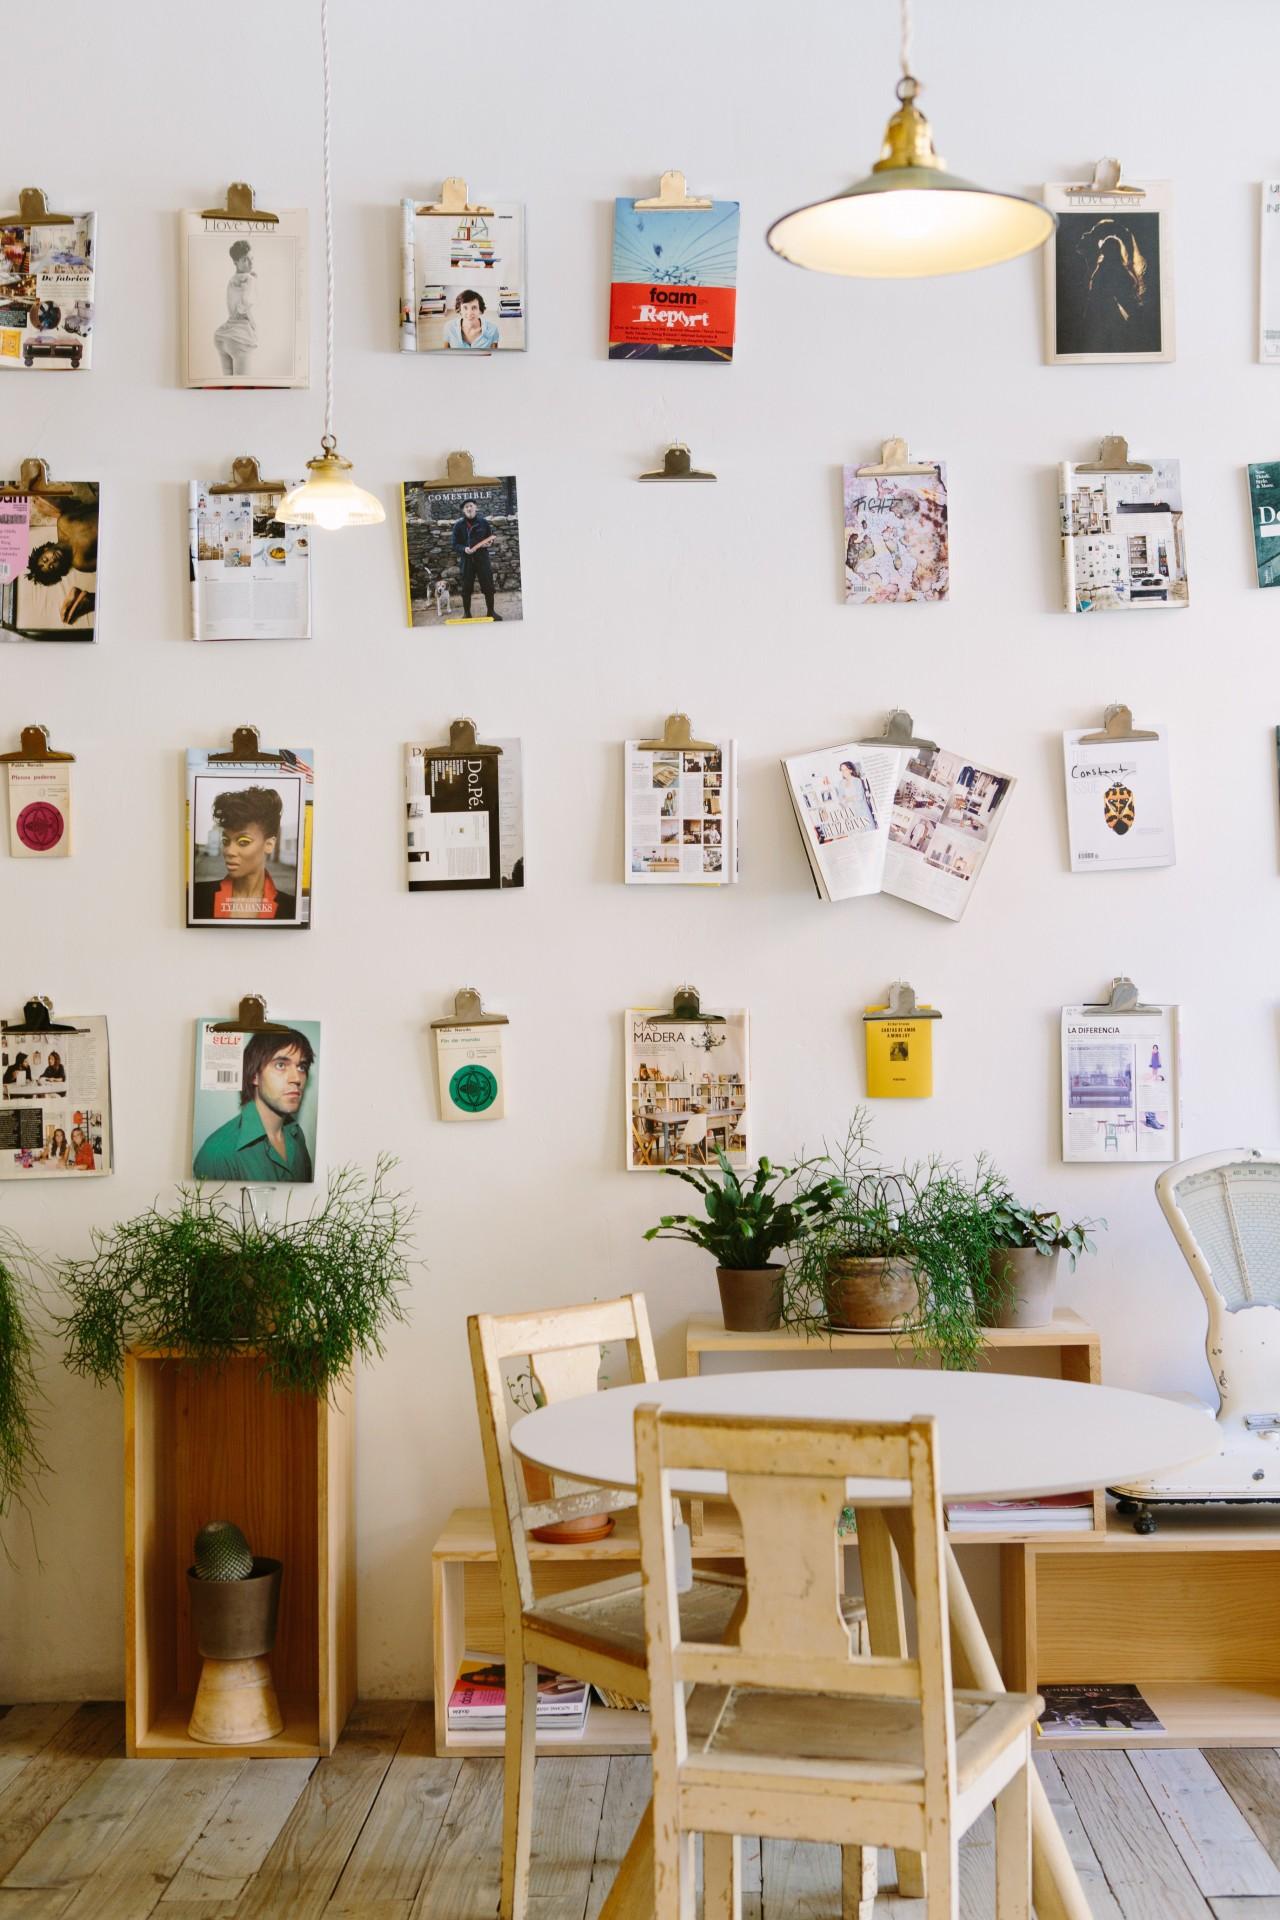 Αθήνα: 3 concept stores που δίνουν στην πόλη μια φρέσκια διάθεση